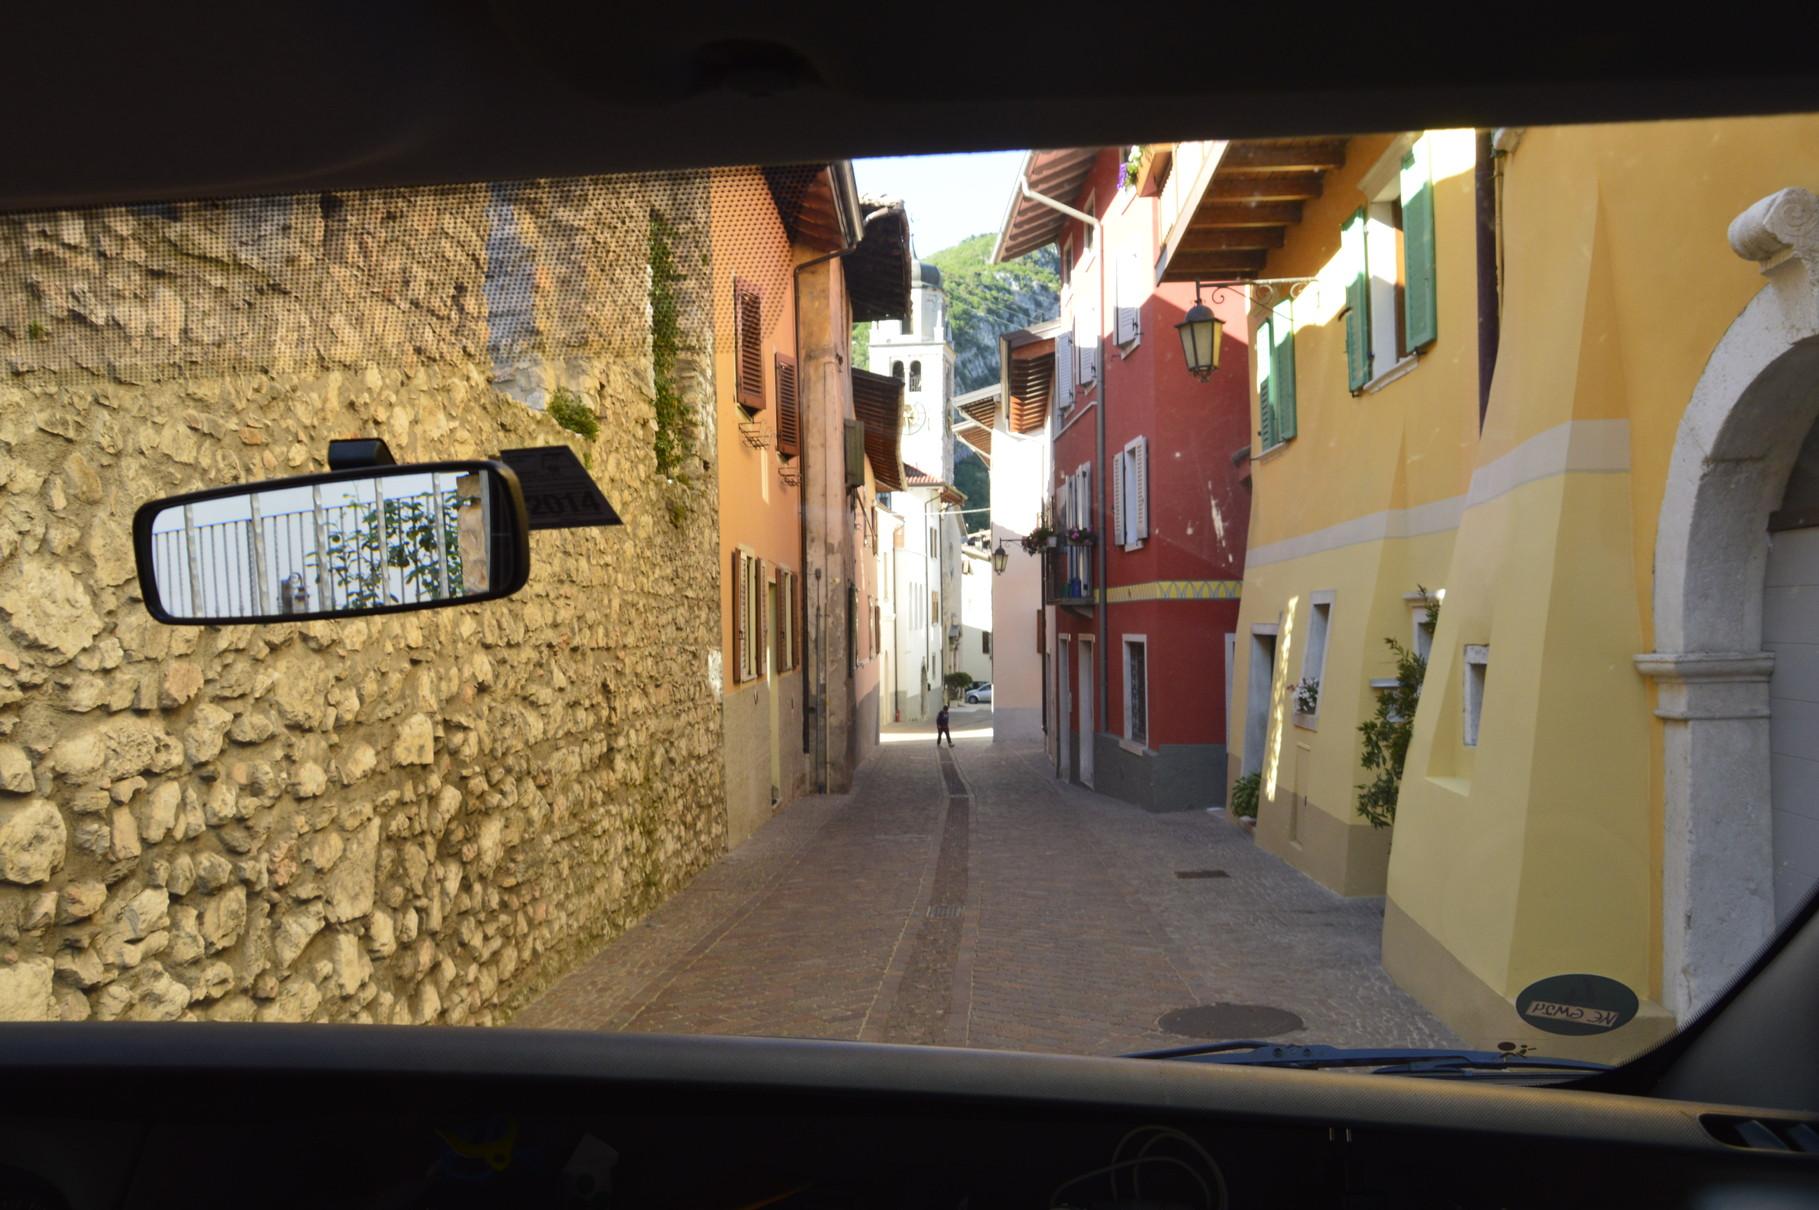 In Italien da lernt mans; vor allem mit dem blauen Riesen: Einmal mussten wir auch die Spiegel einklappen